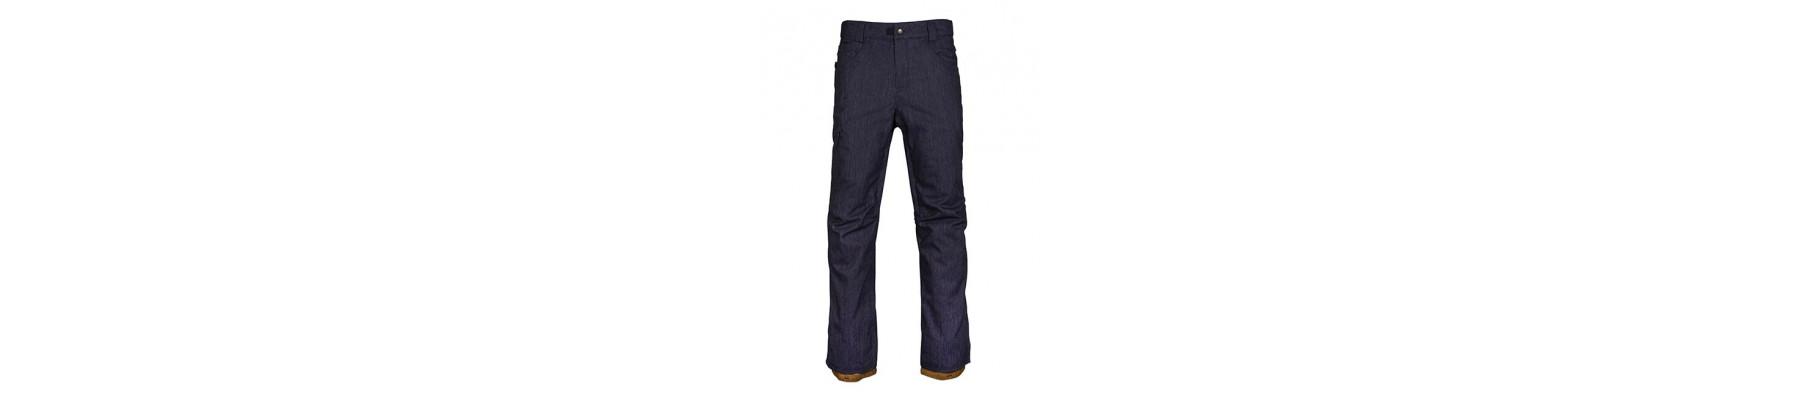 686 Raw Insulated Pant BLUEDENIM 10K/10K/-12'C